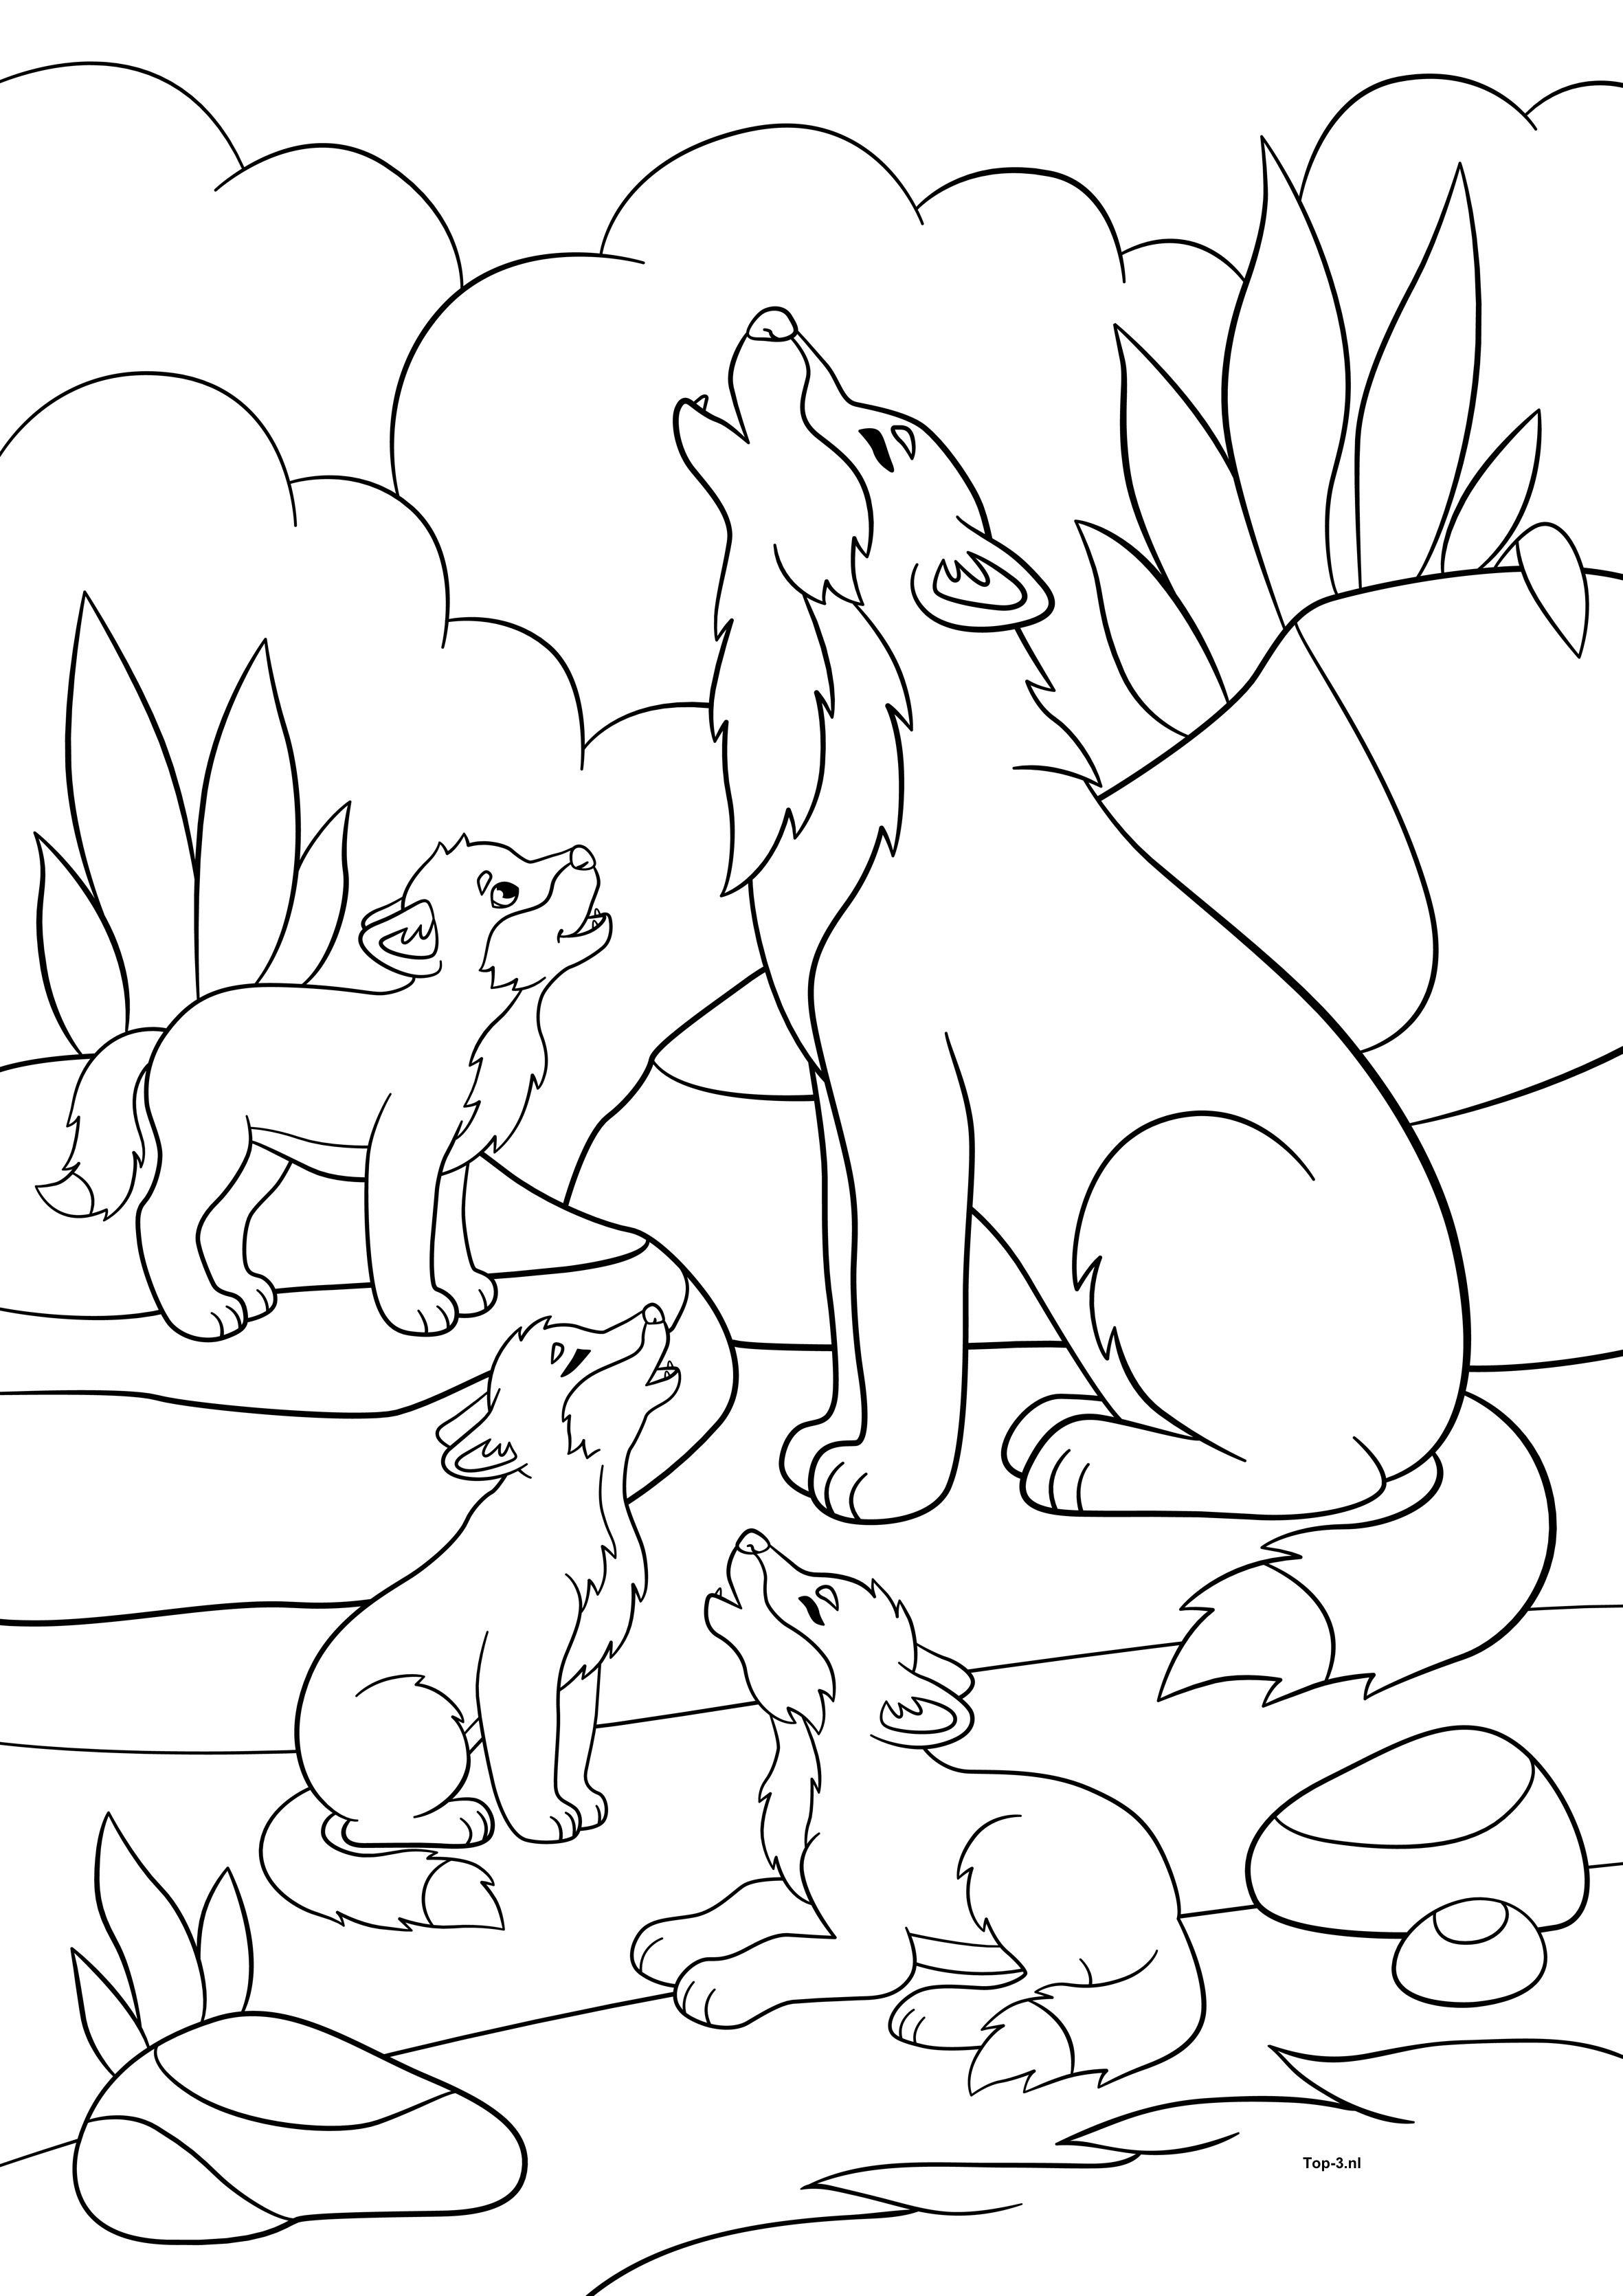 kleurplaten dieren kleurplaten wolven dieren